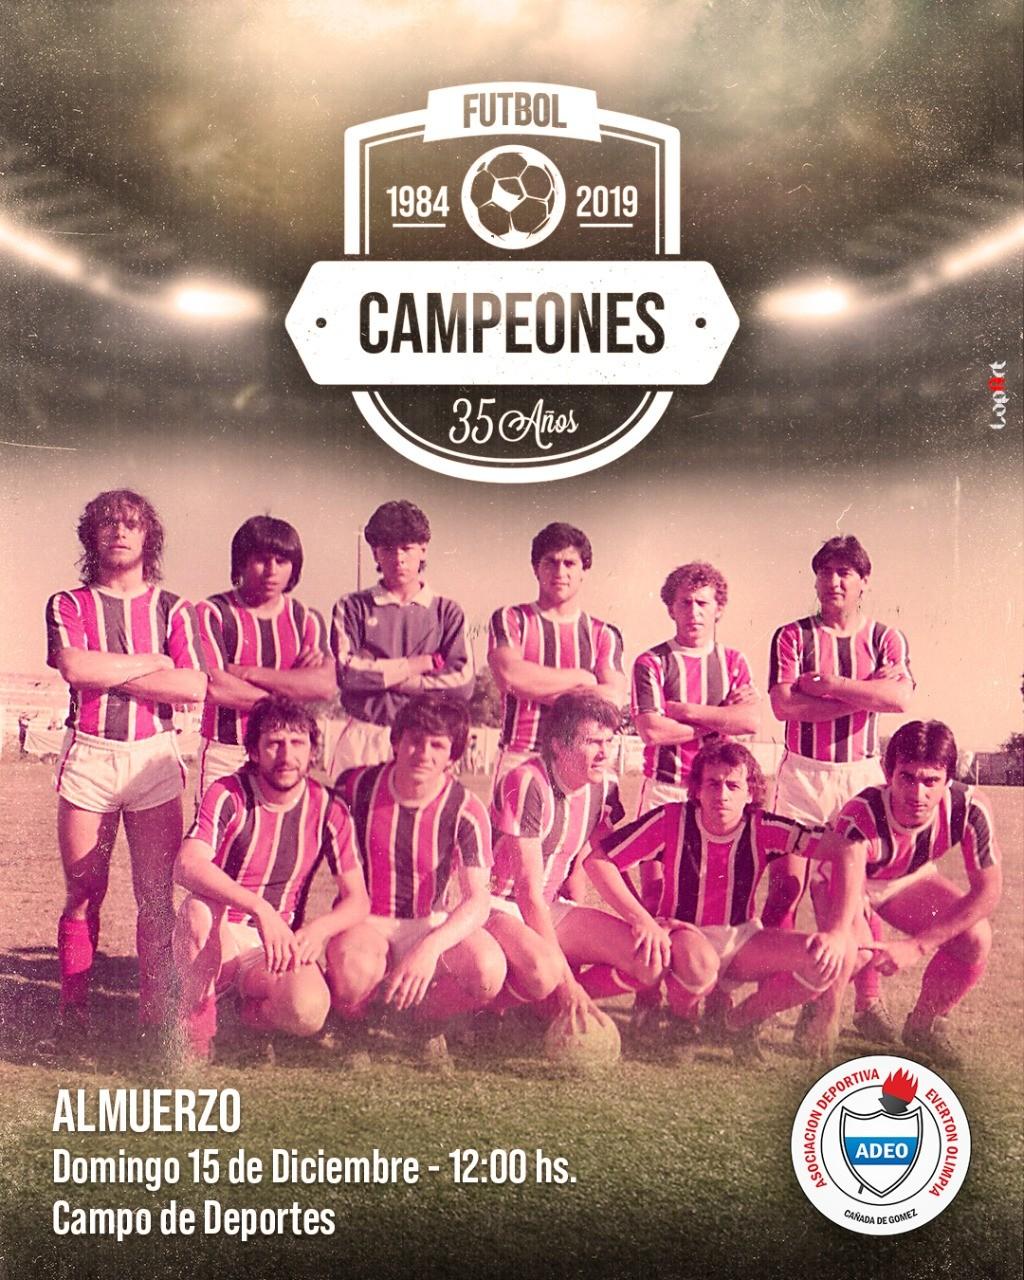 ADEO recuerda el título obtenido en 1984